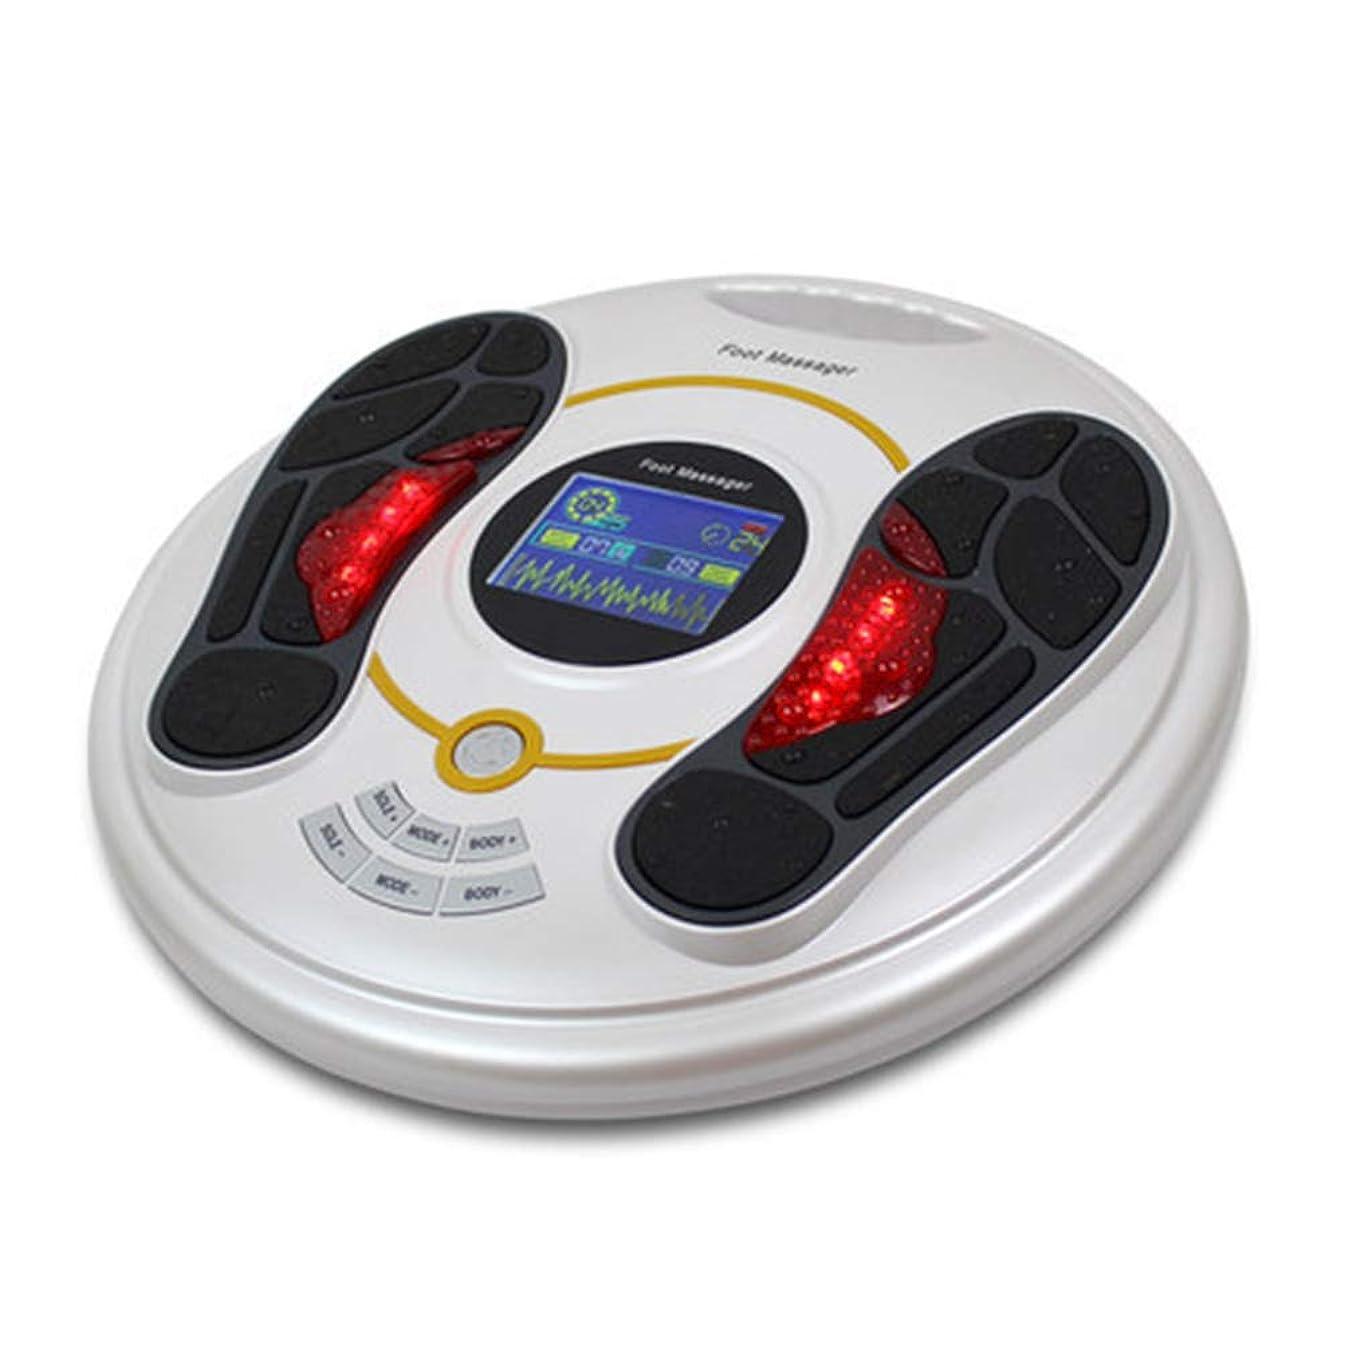 損傷金銭的優越電磁石の足のマッサージャー、指圧ボディマッサージャーの循環のマッサージャーは血循環療法の苦痛救助を刺激するために後押しします。, white